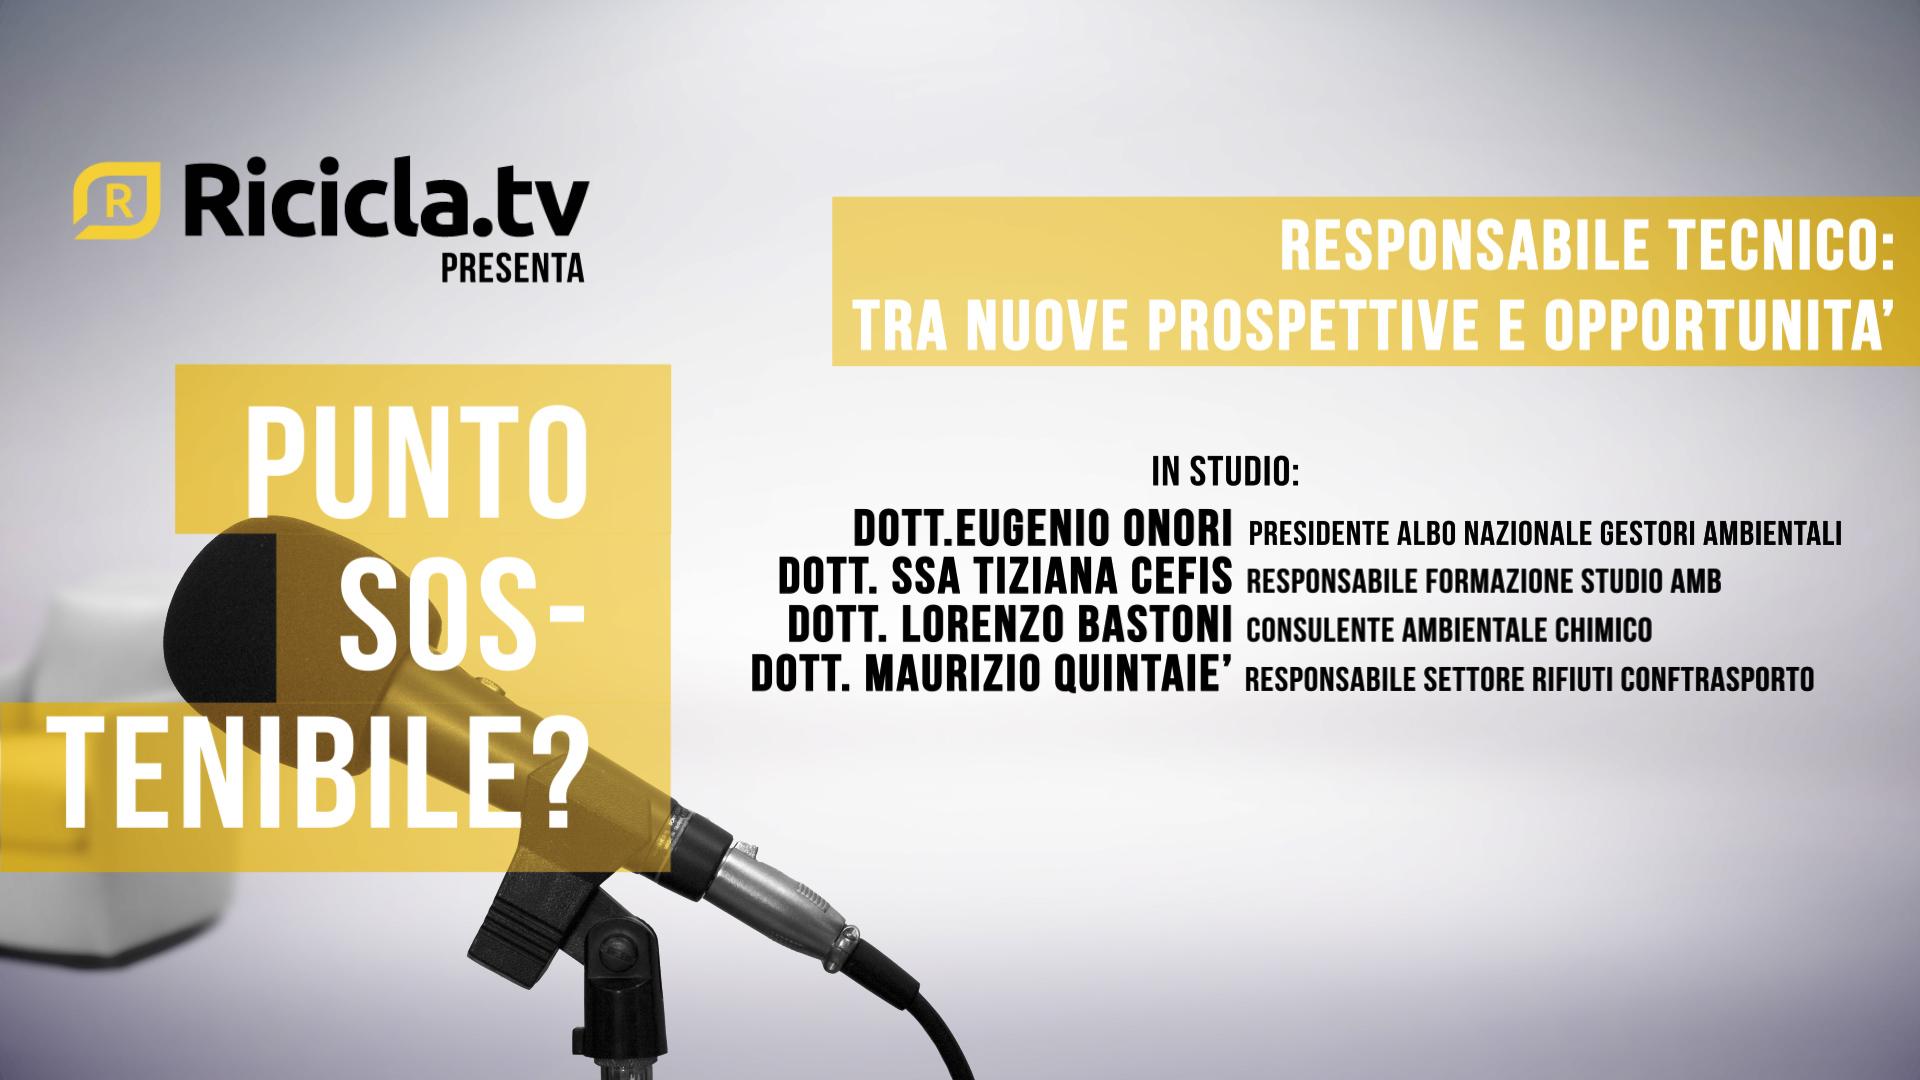 RESPONSABILE TECNICO: TRA NUOVE PROSPETTIVE E OPPORTUNITÀ